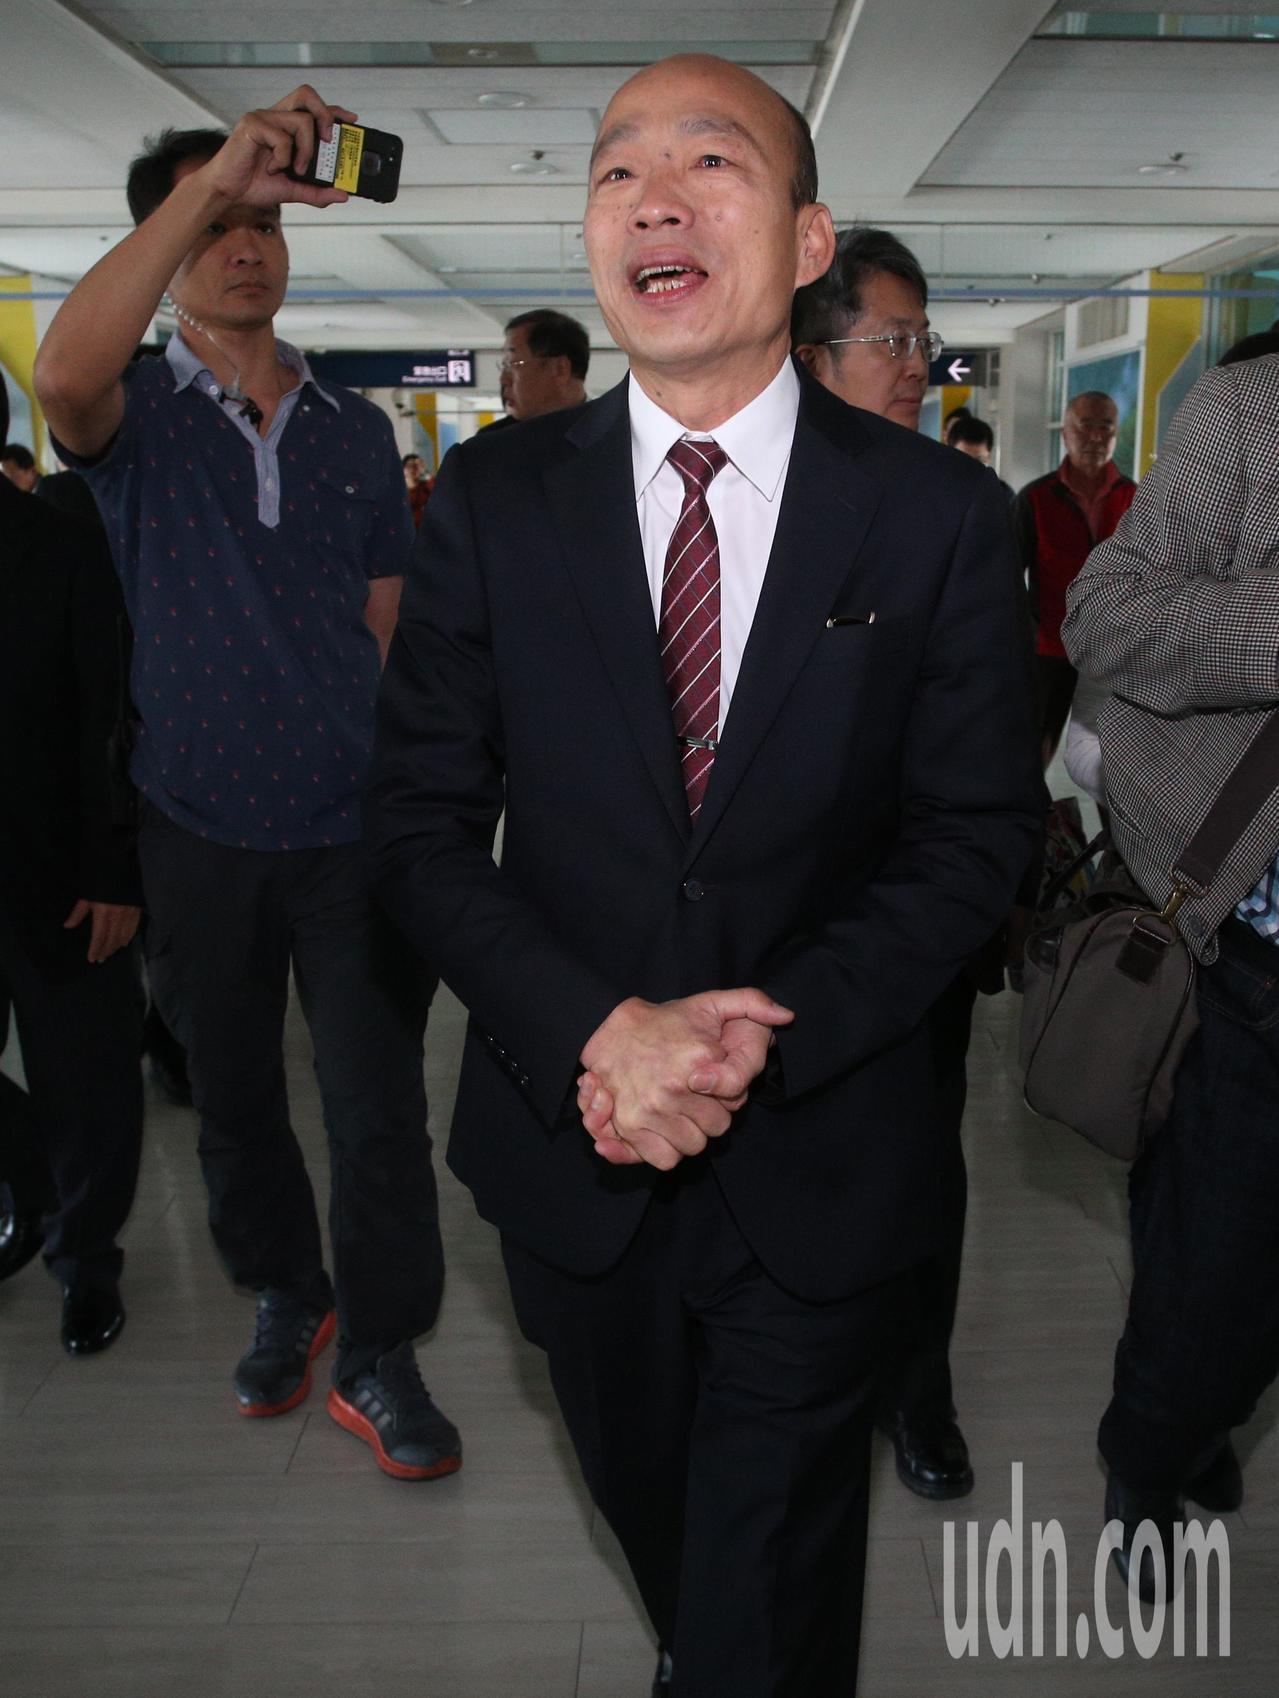 高雄市長韓國瑜結束七天港澳大陸參訪行程返抵高雄機場。記者劉學聖/攝影